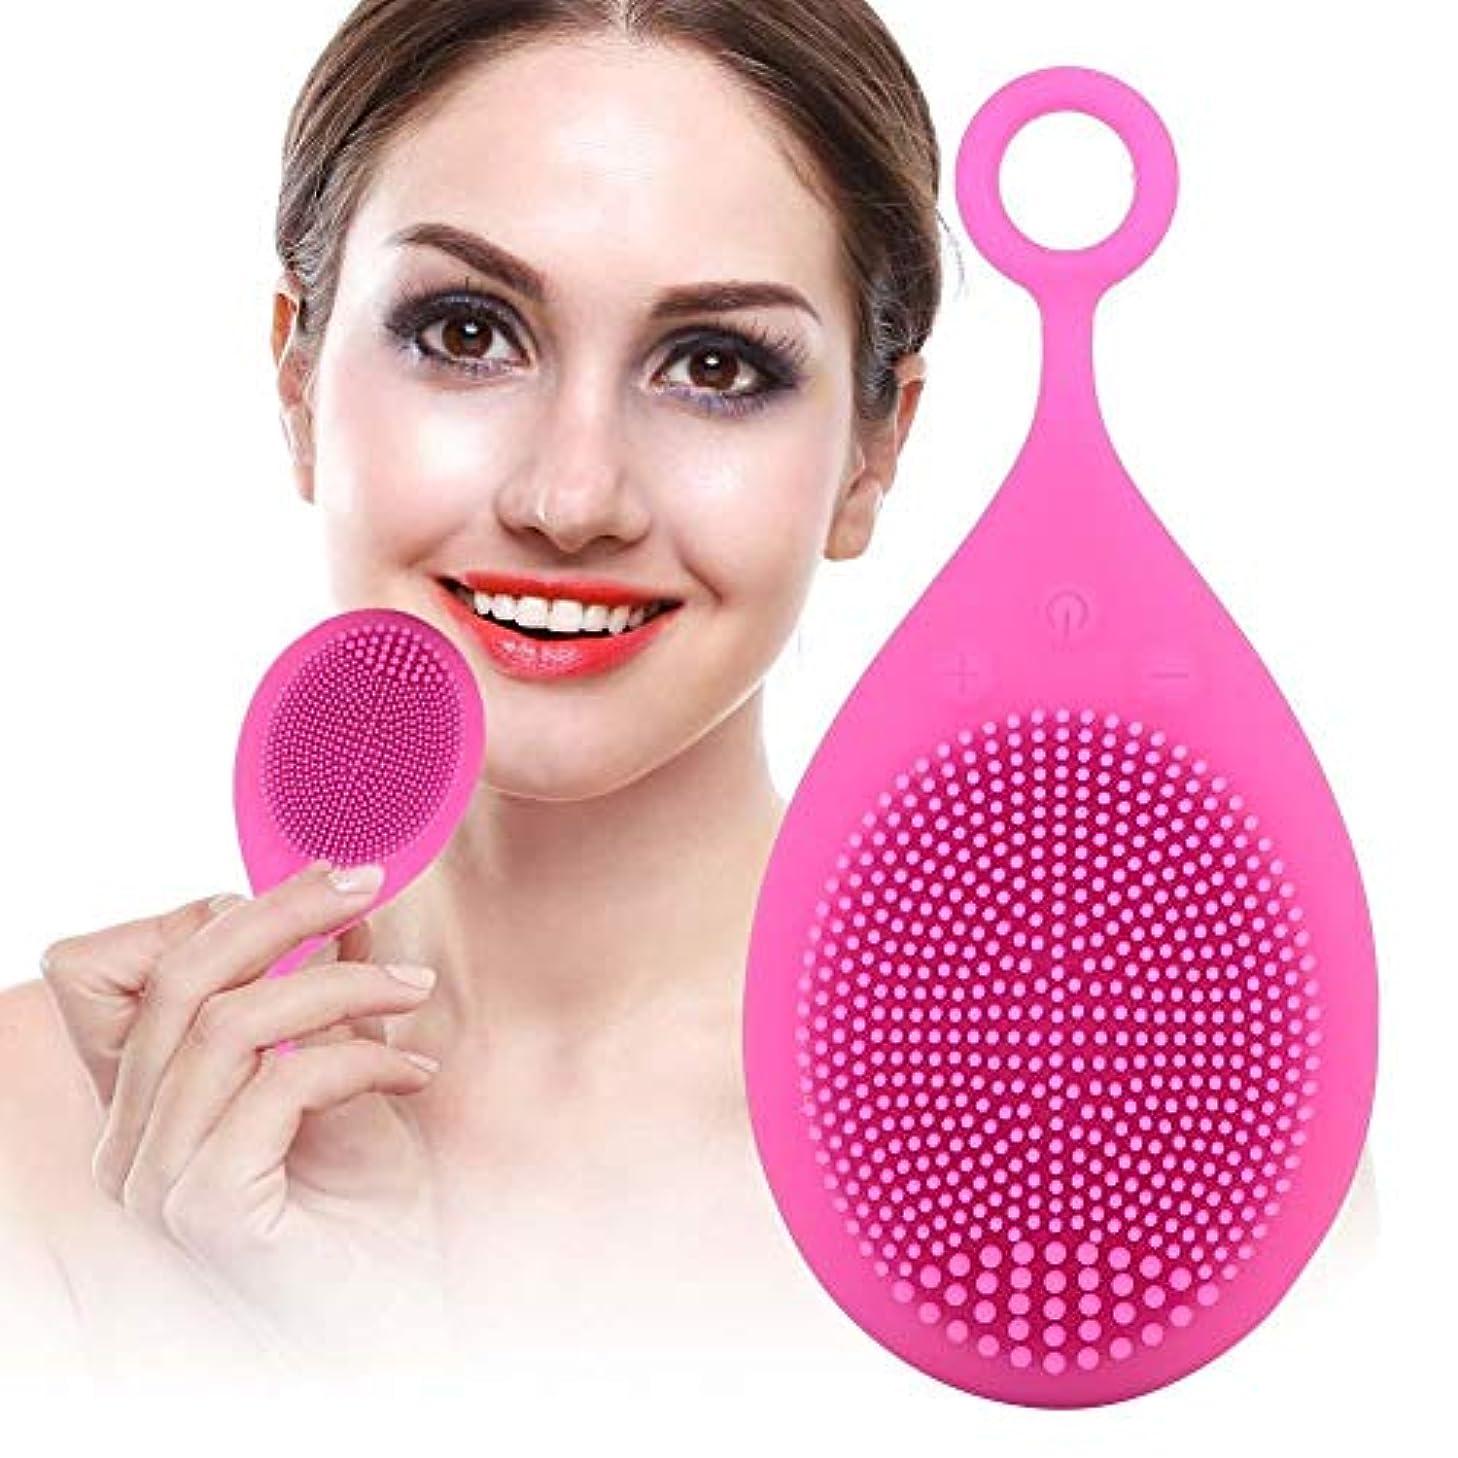 不確実詐欺こっそり洗顔ブラシ、携帯用電気クレンジングブラシ、スキンケア剥離用電動マッサージブラシ